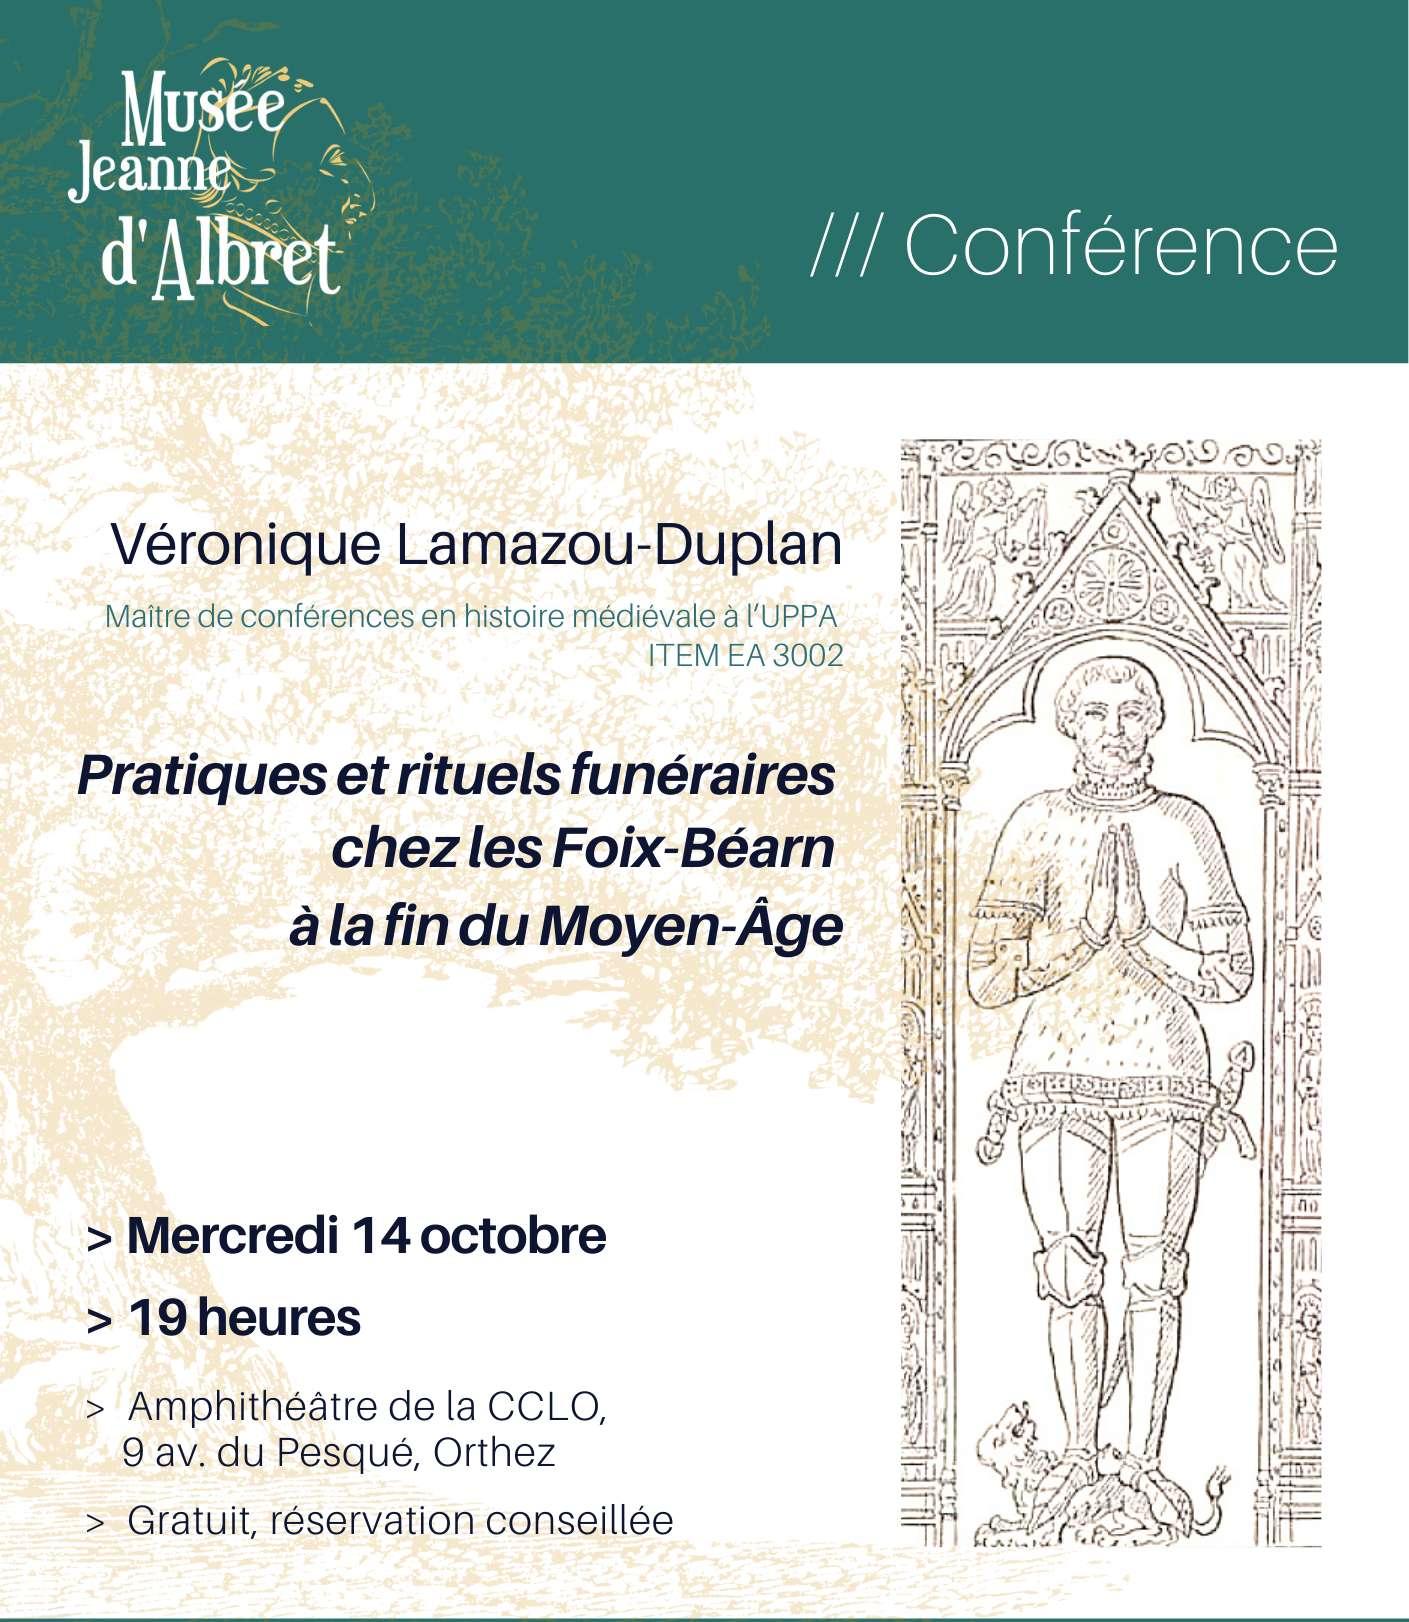 Conférence : Pratiques et rituels funéraires chez les Foix-Béarn - ORTHEZ